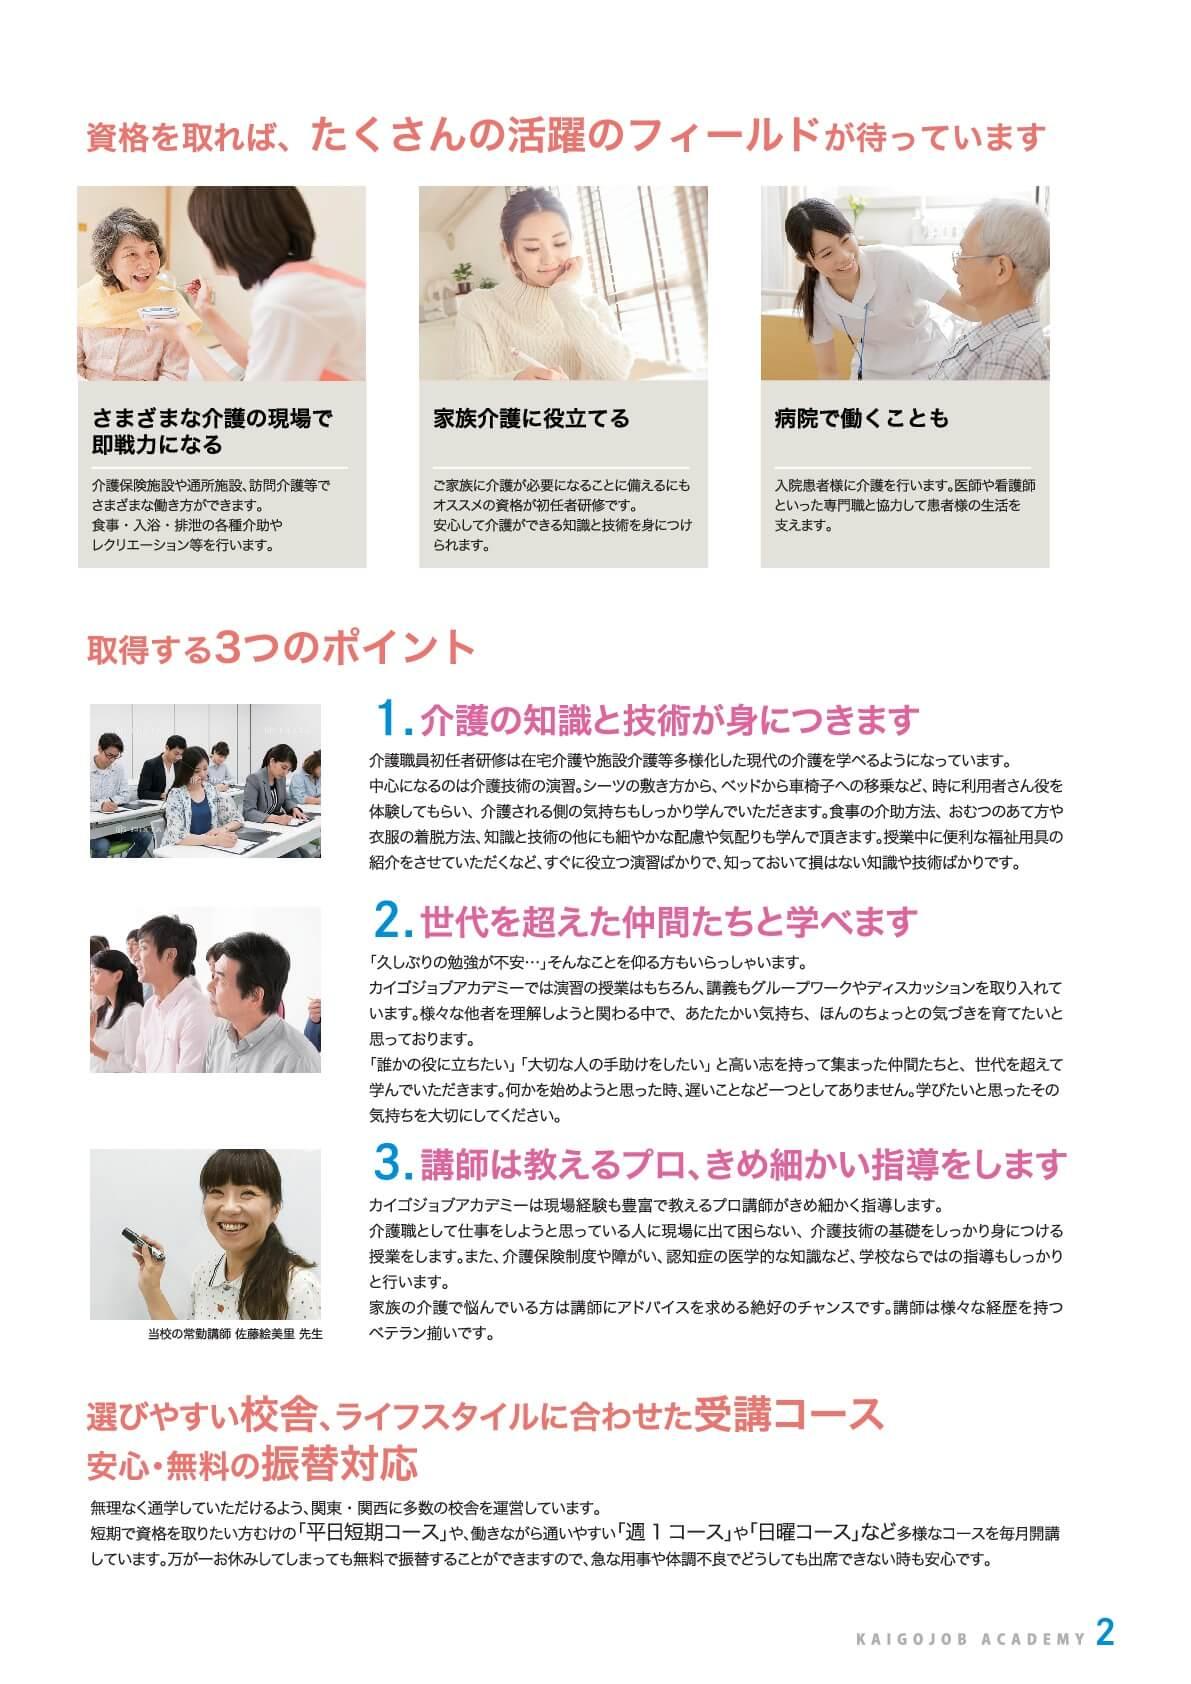 カイゴジョブアカデミー介護職員初任者研修パンフレット_p03